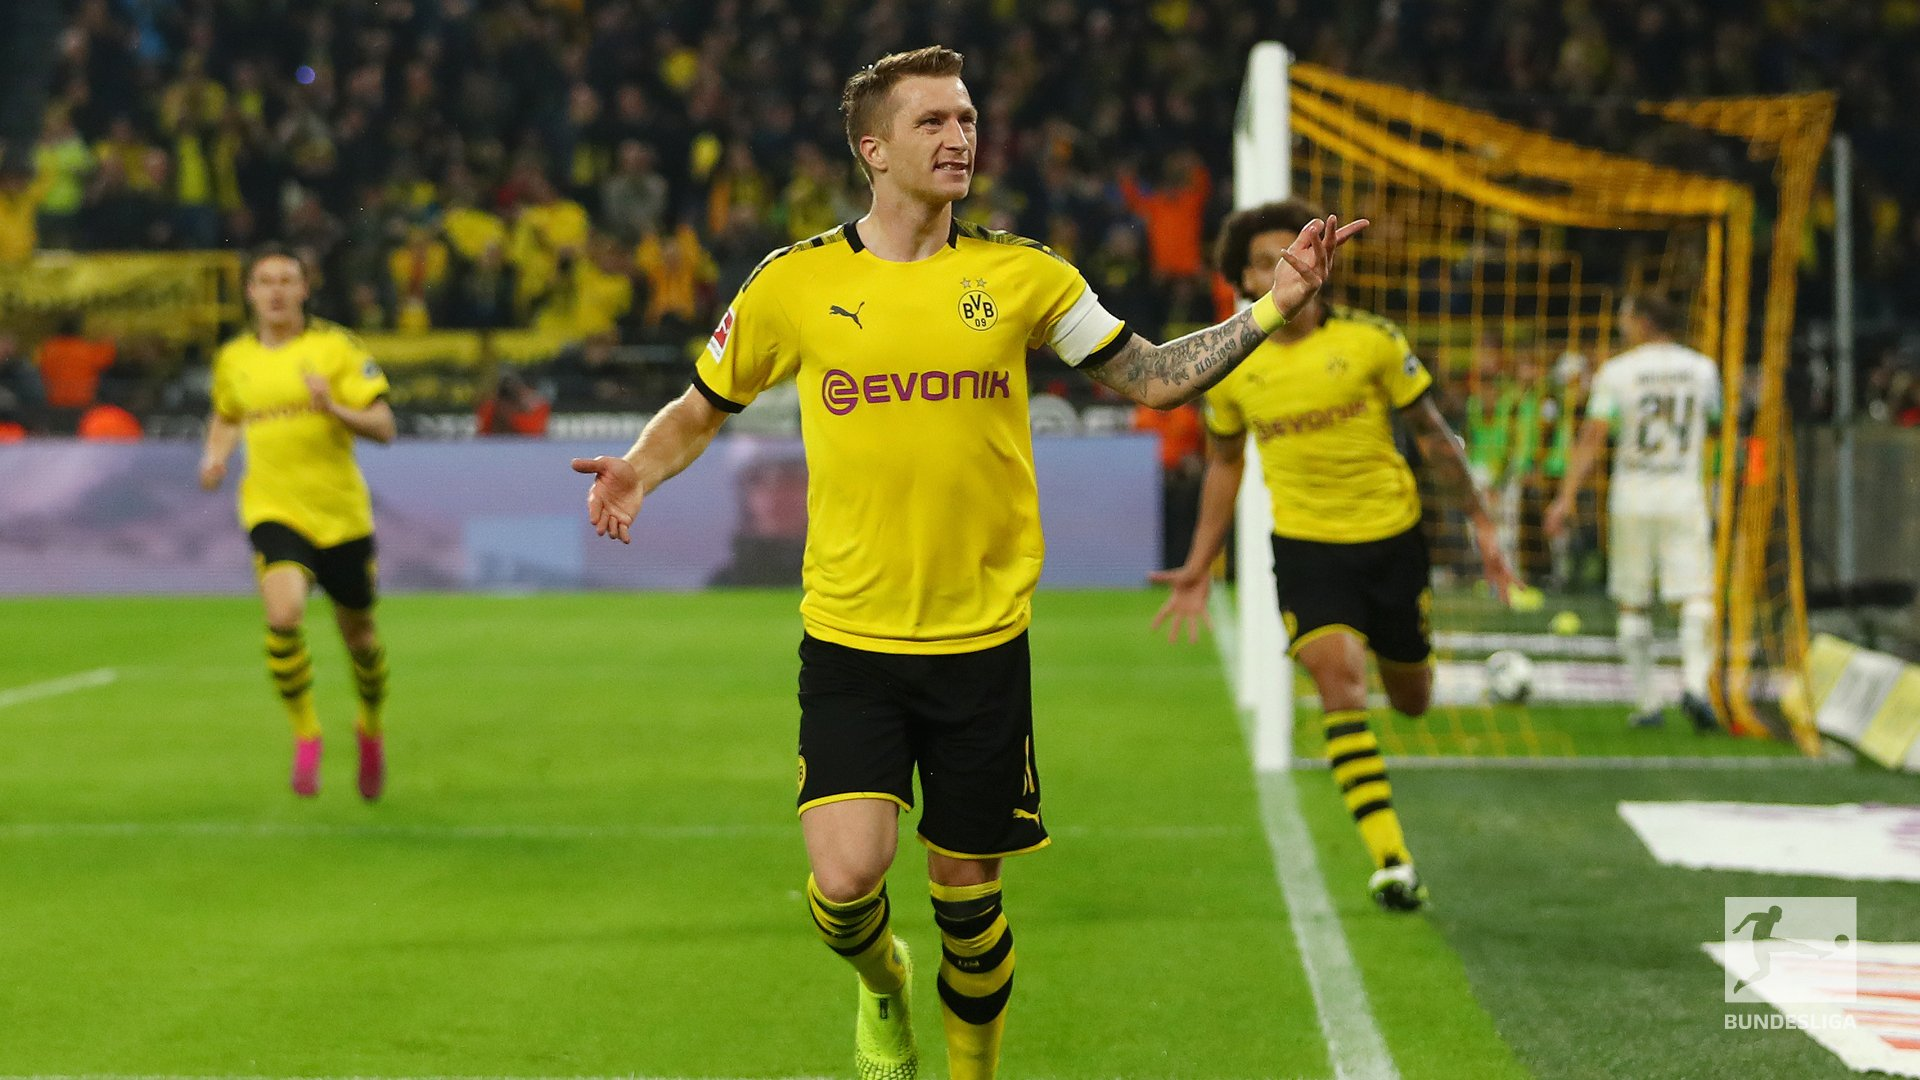 Marco Reus Strike Helps Dortmund Defeat Gladbach